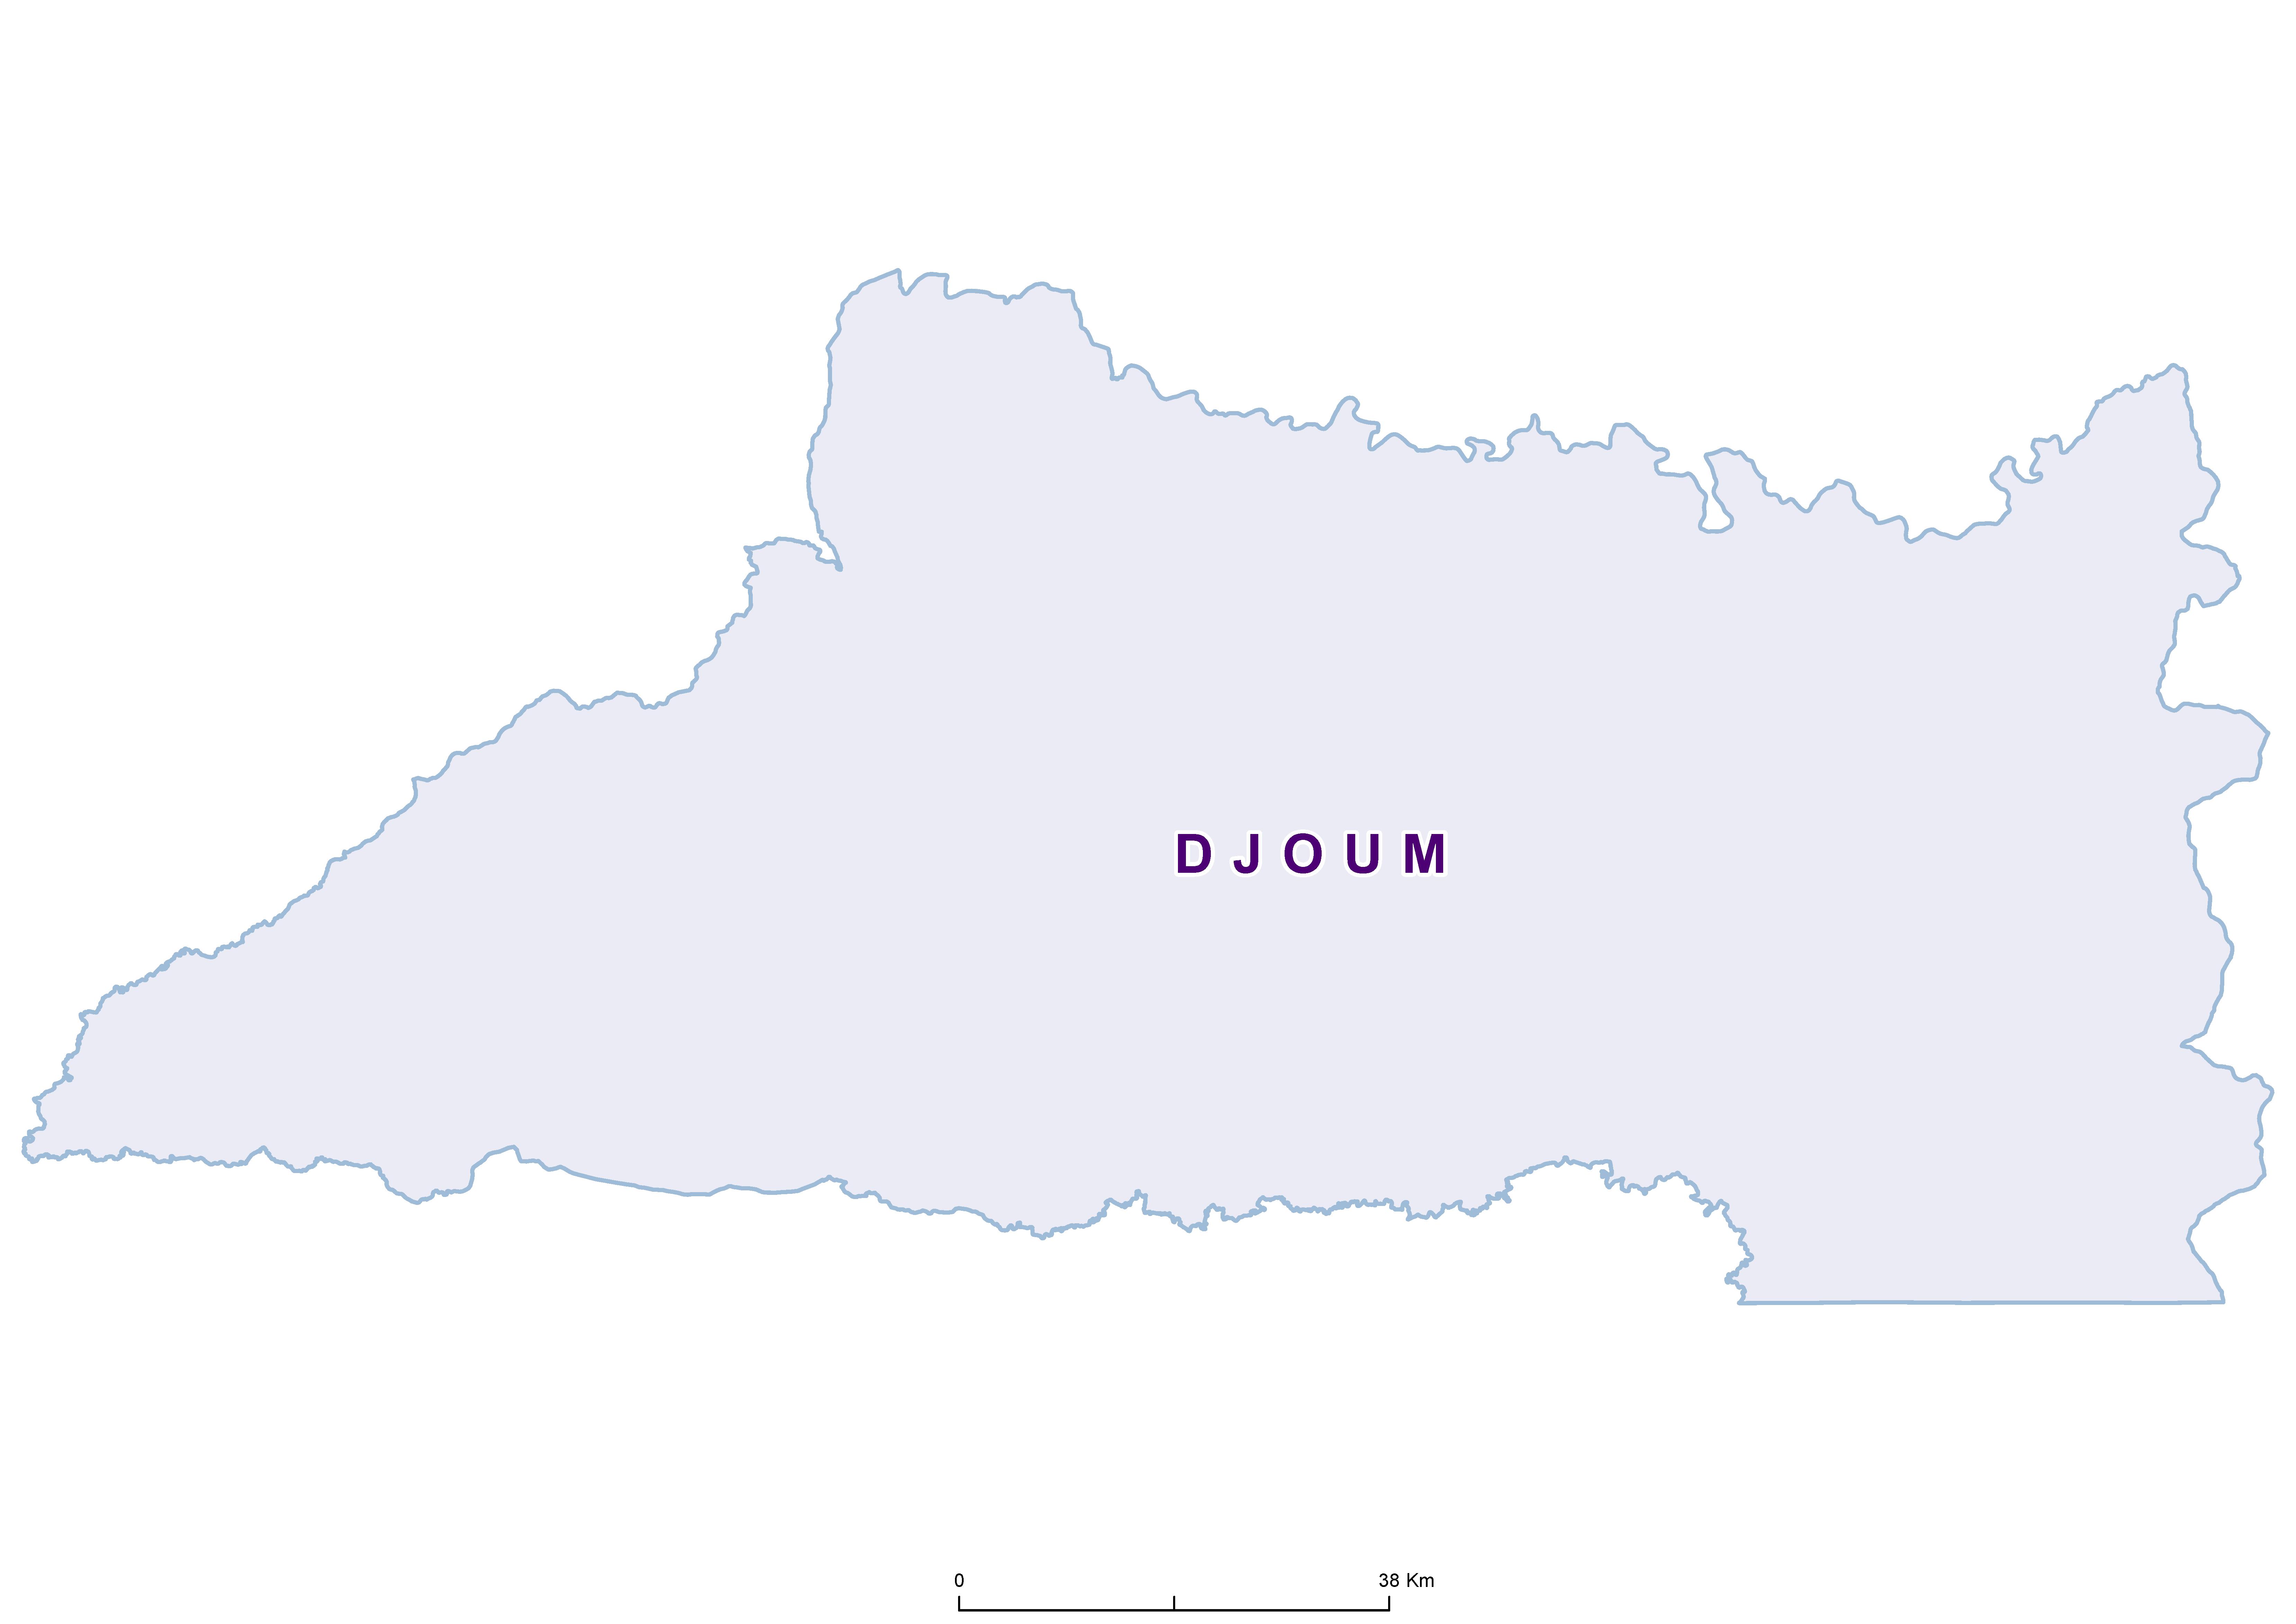 Djoum Max STH 20180001